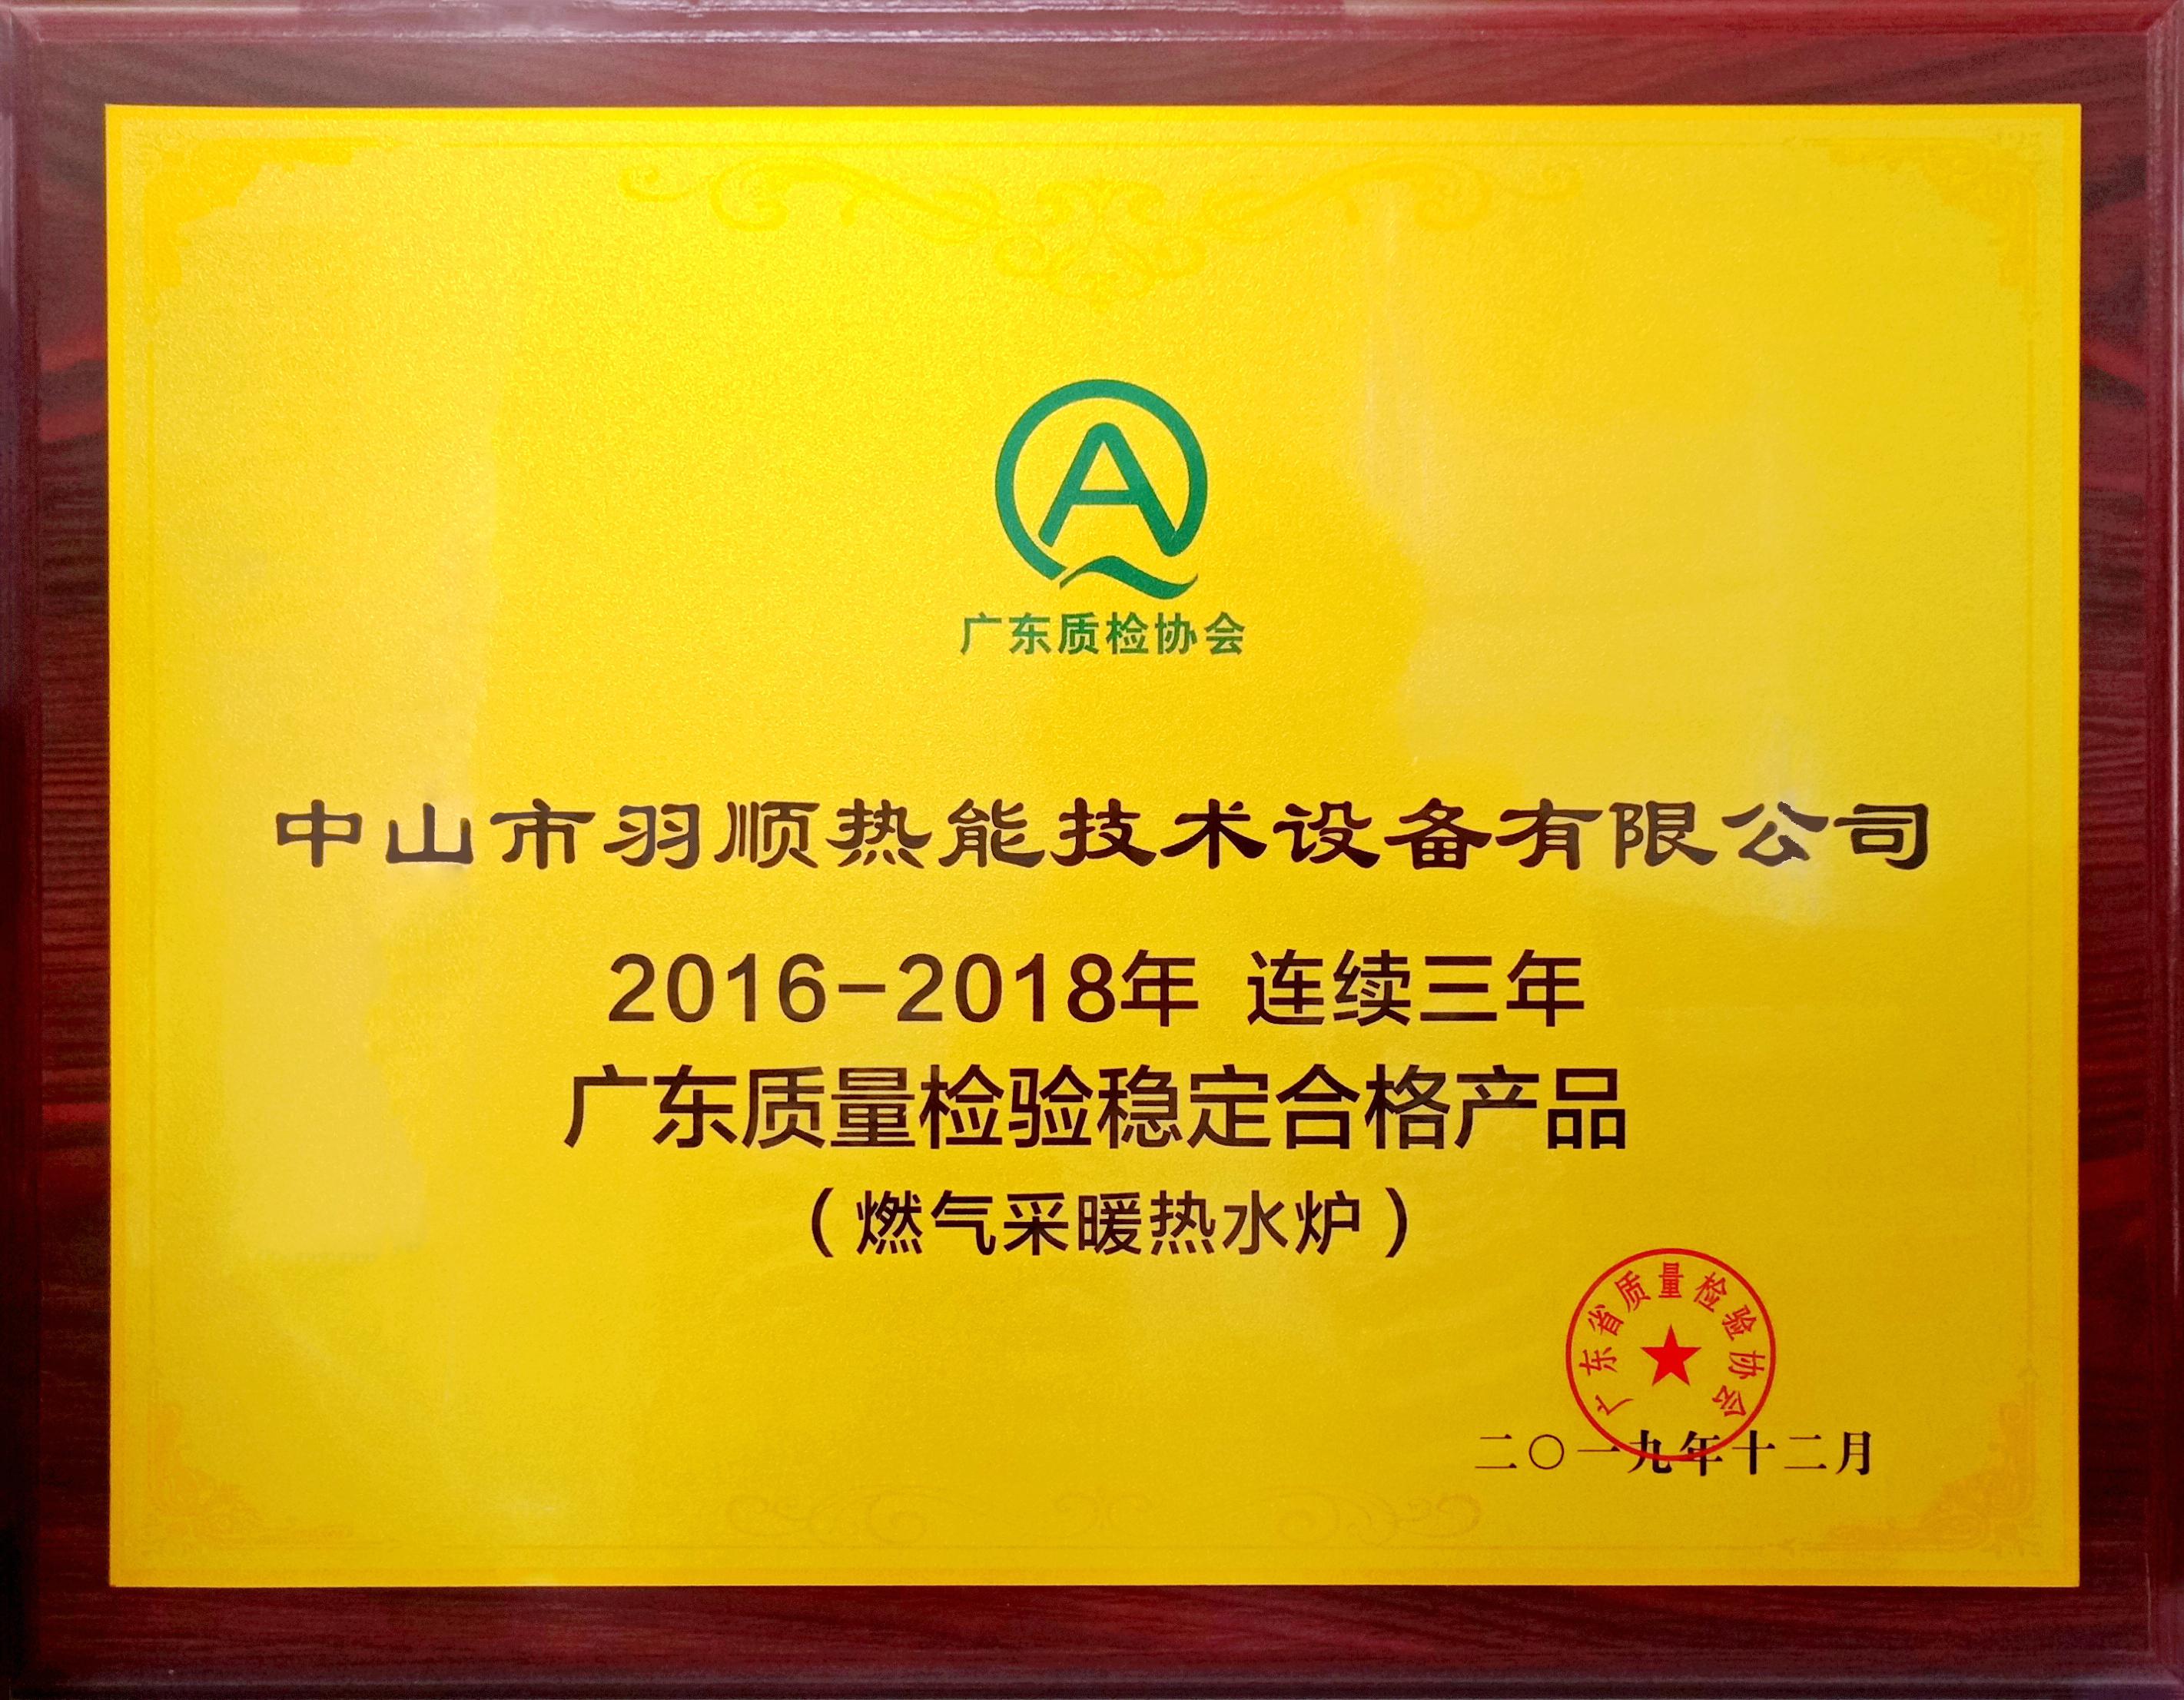 连续三年广东质量检验稳定合格产品